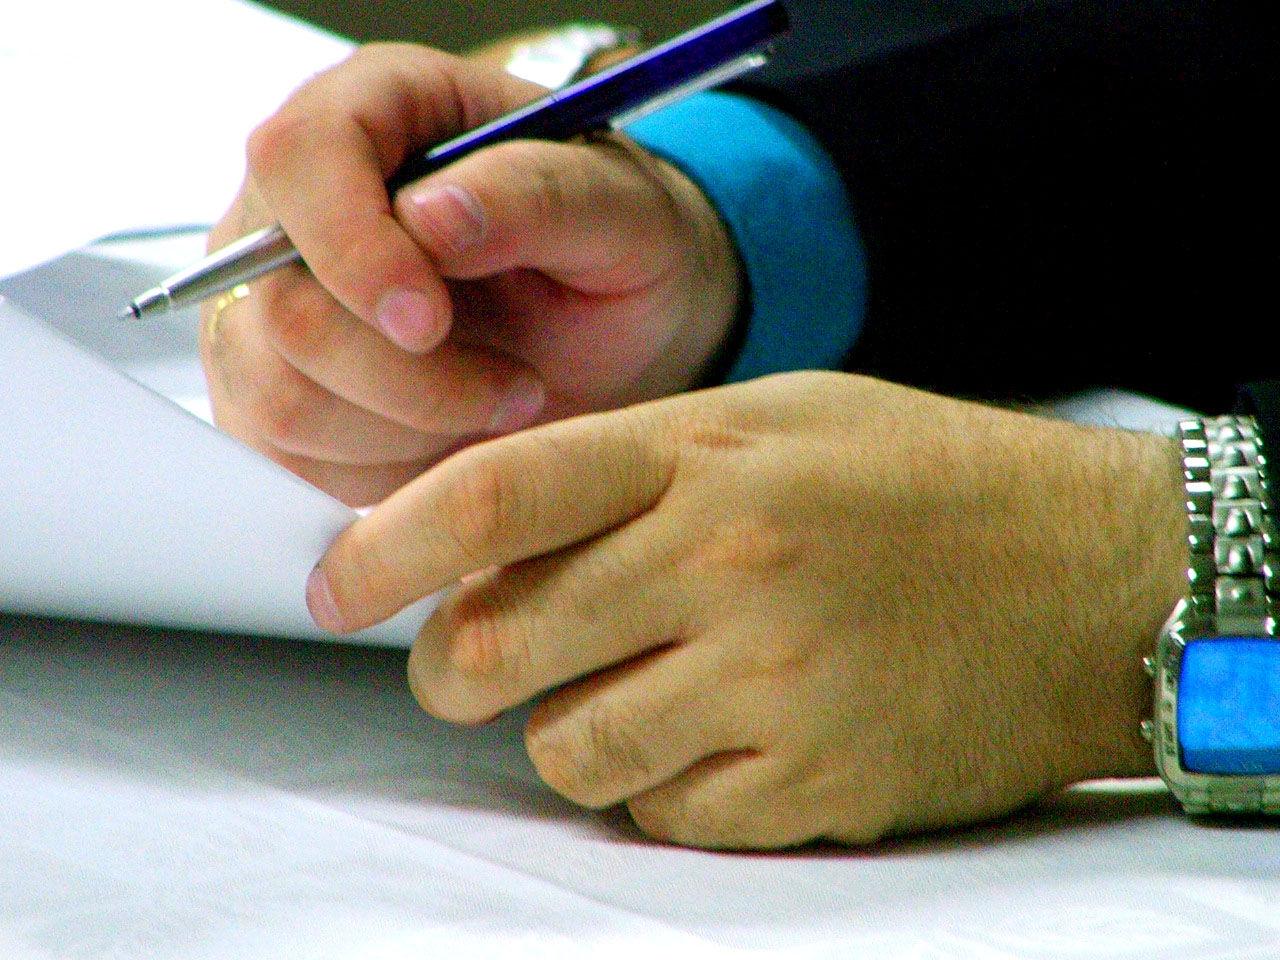 Registro industrial. Autorizaciones sanidad.